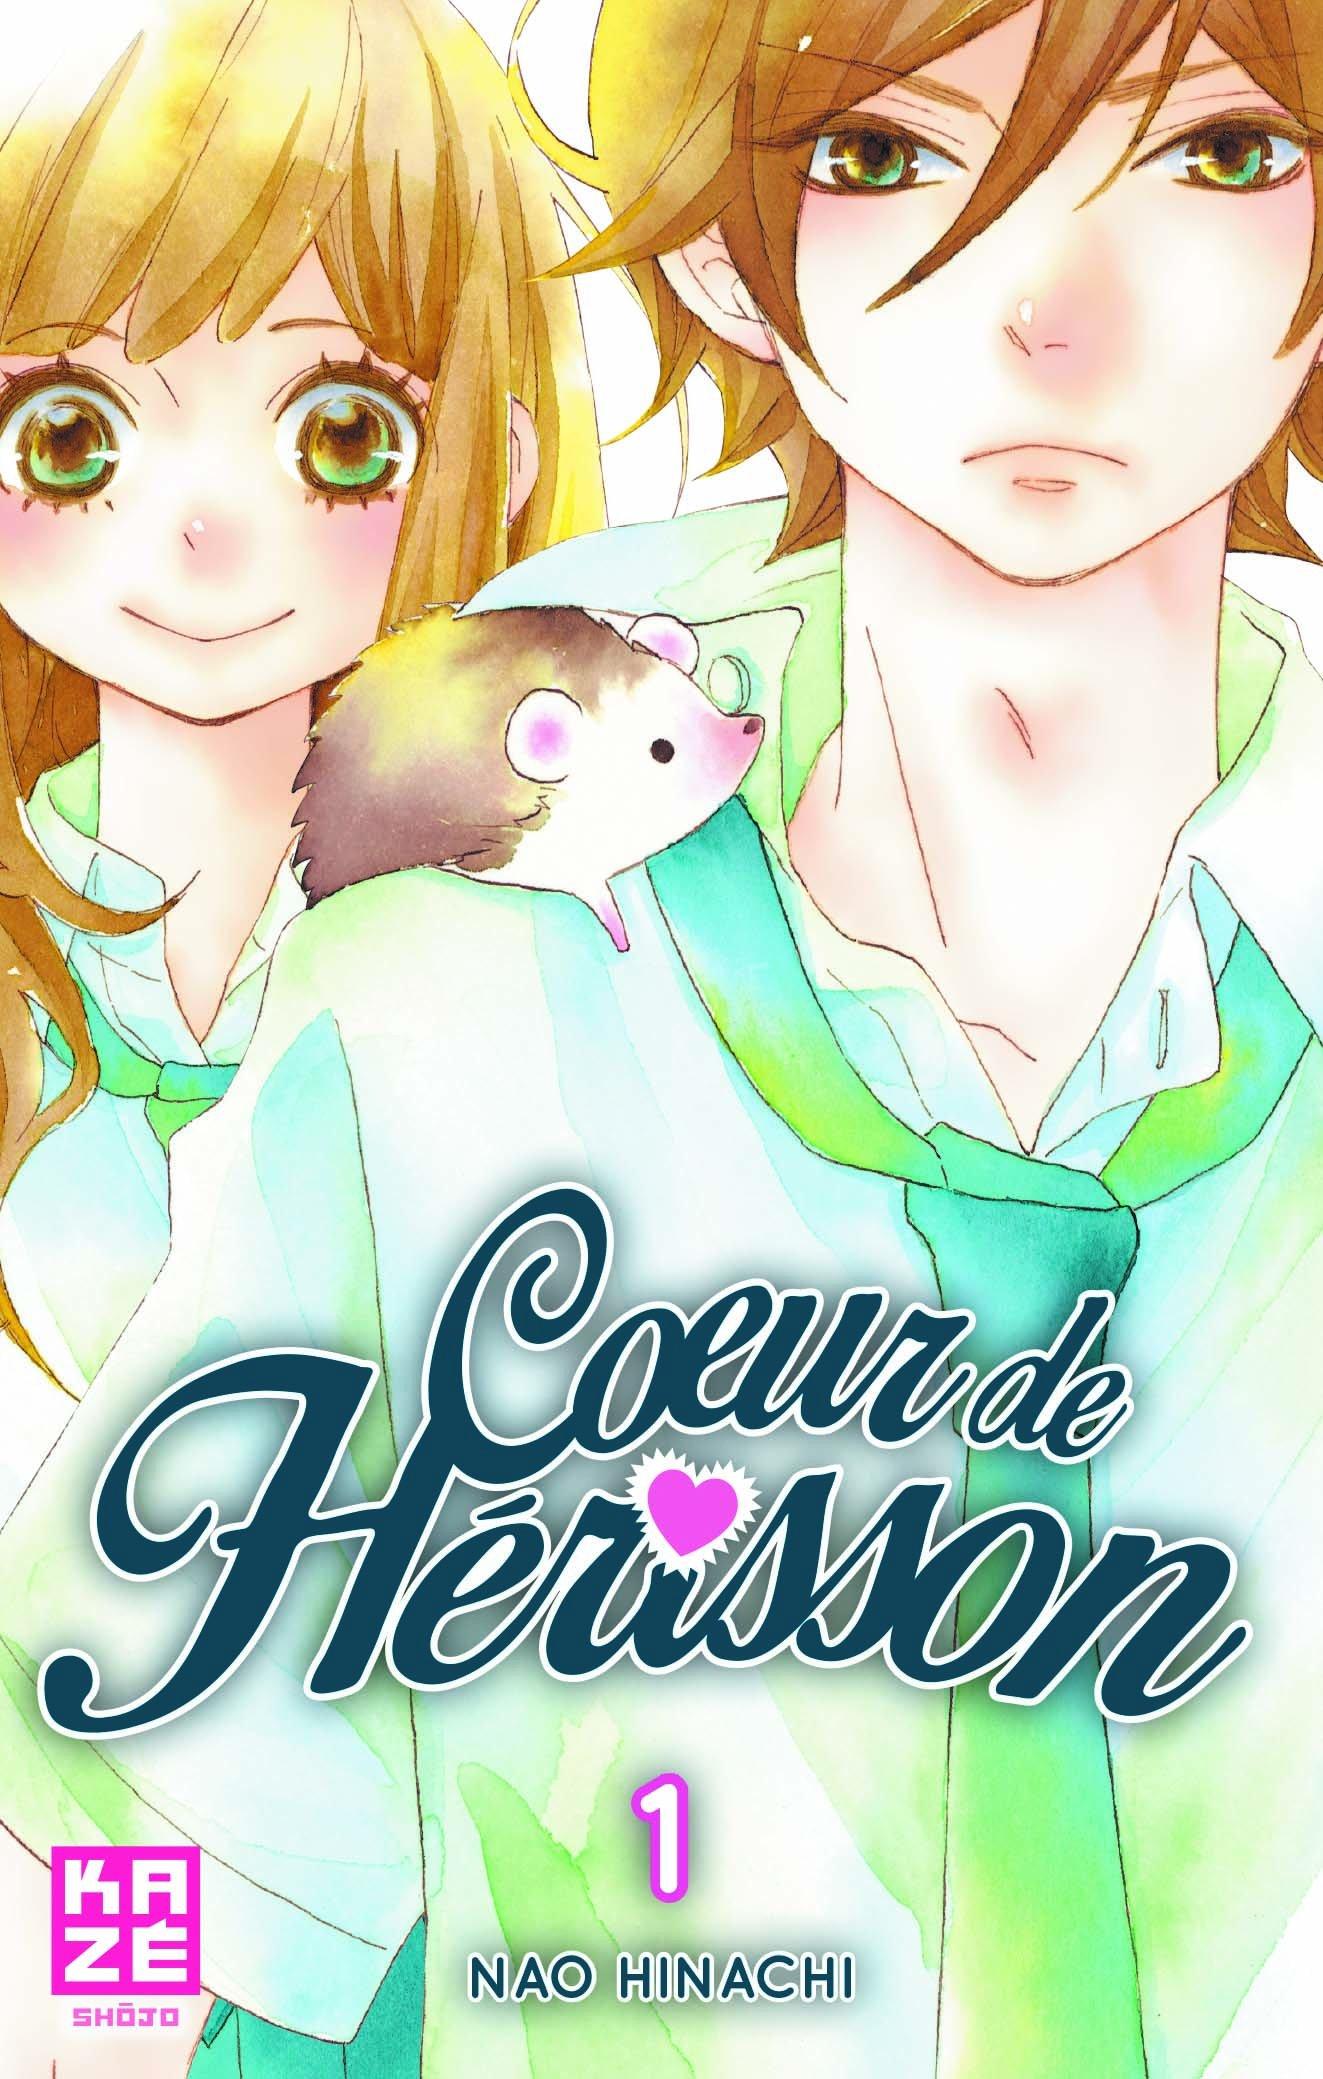 Coeur de Hérisson